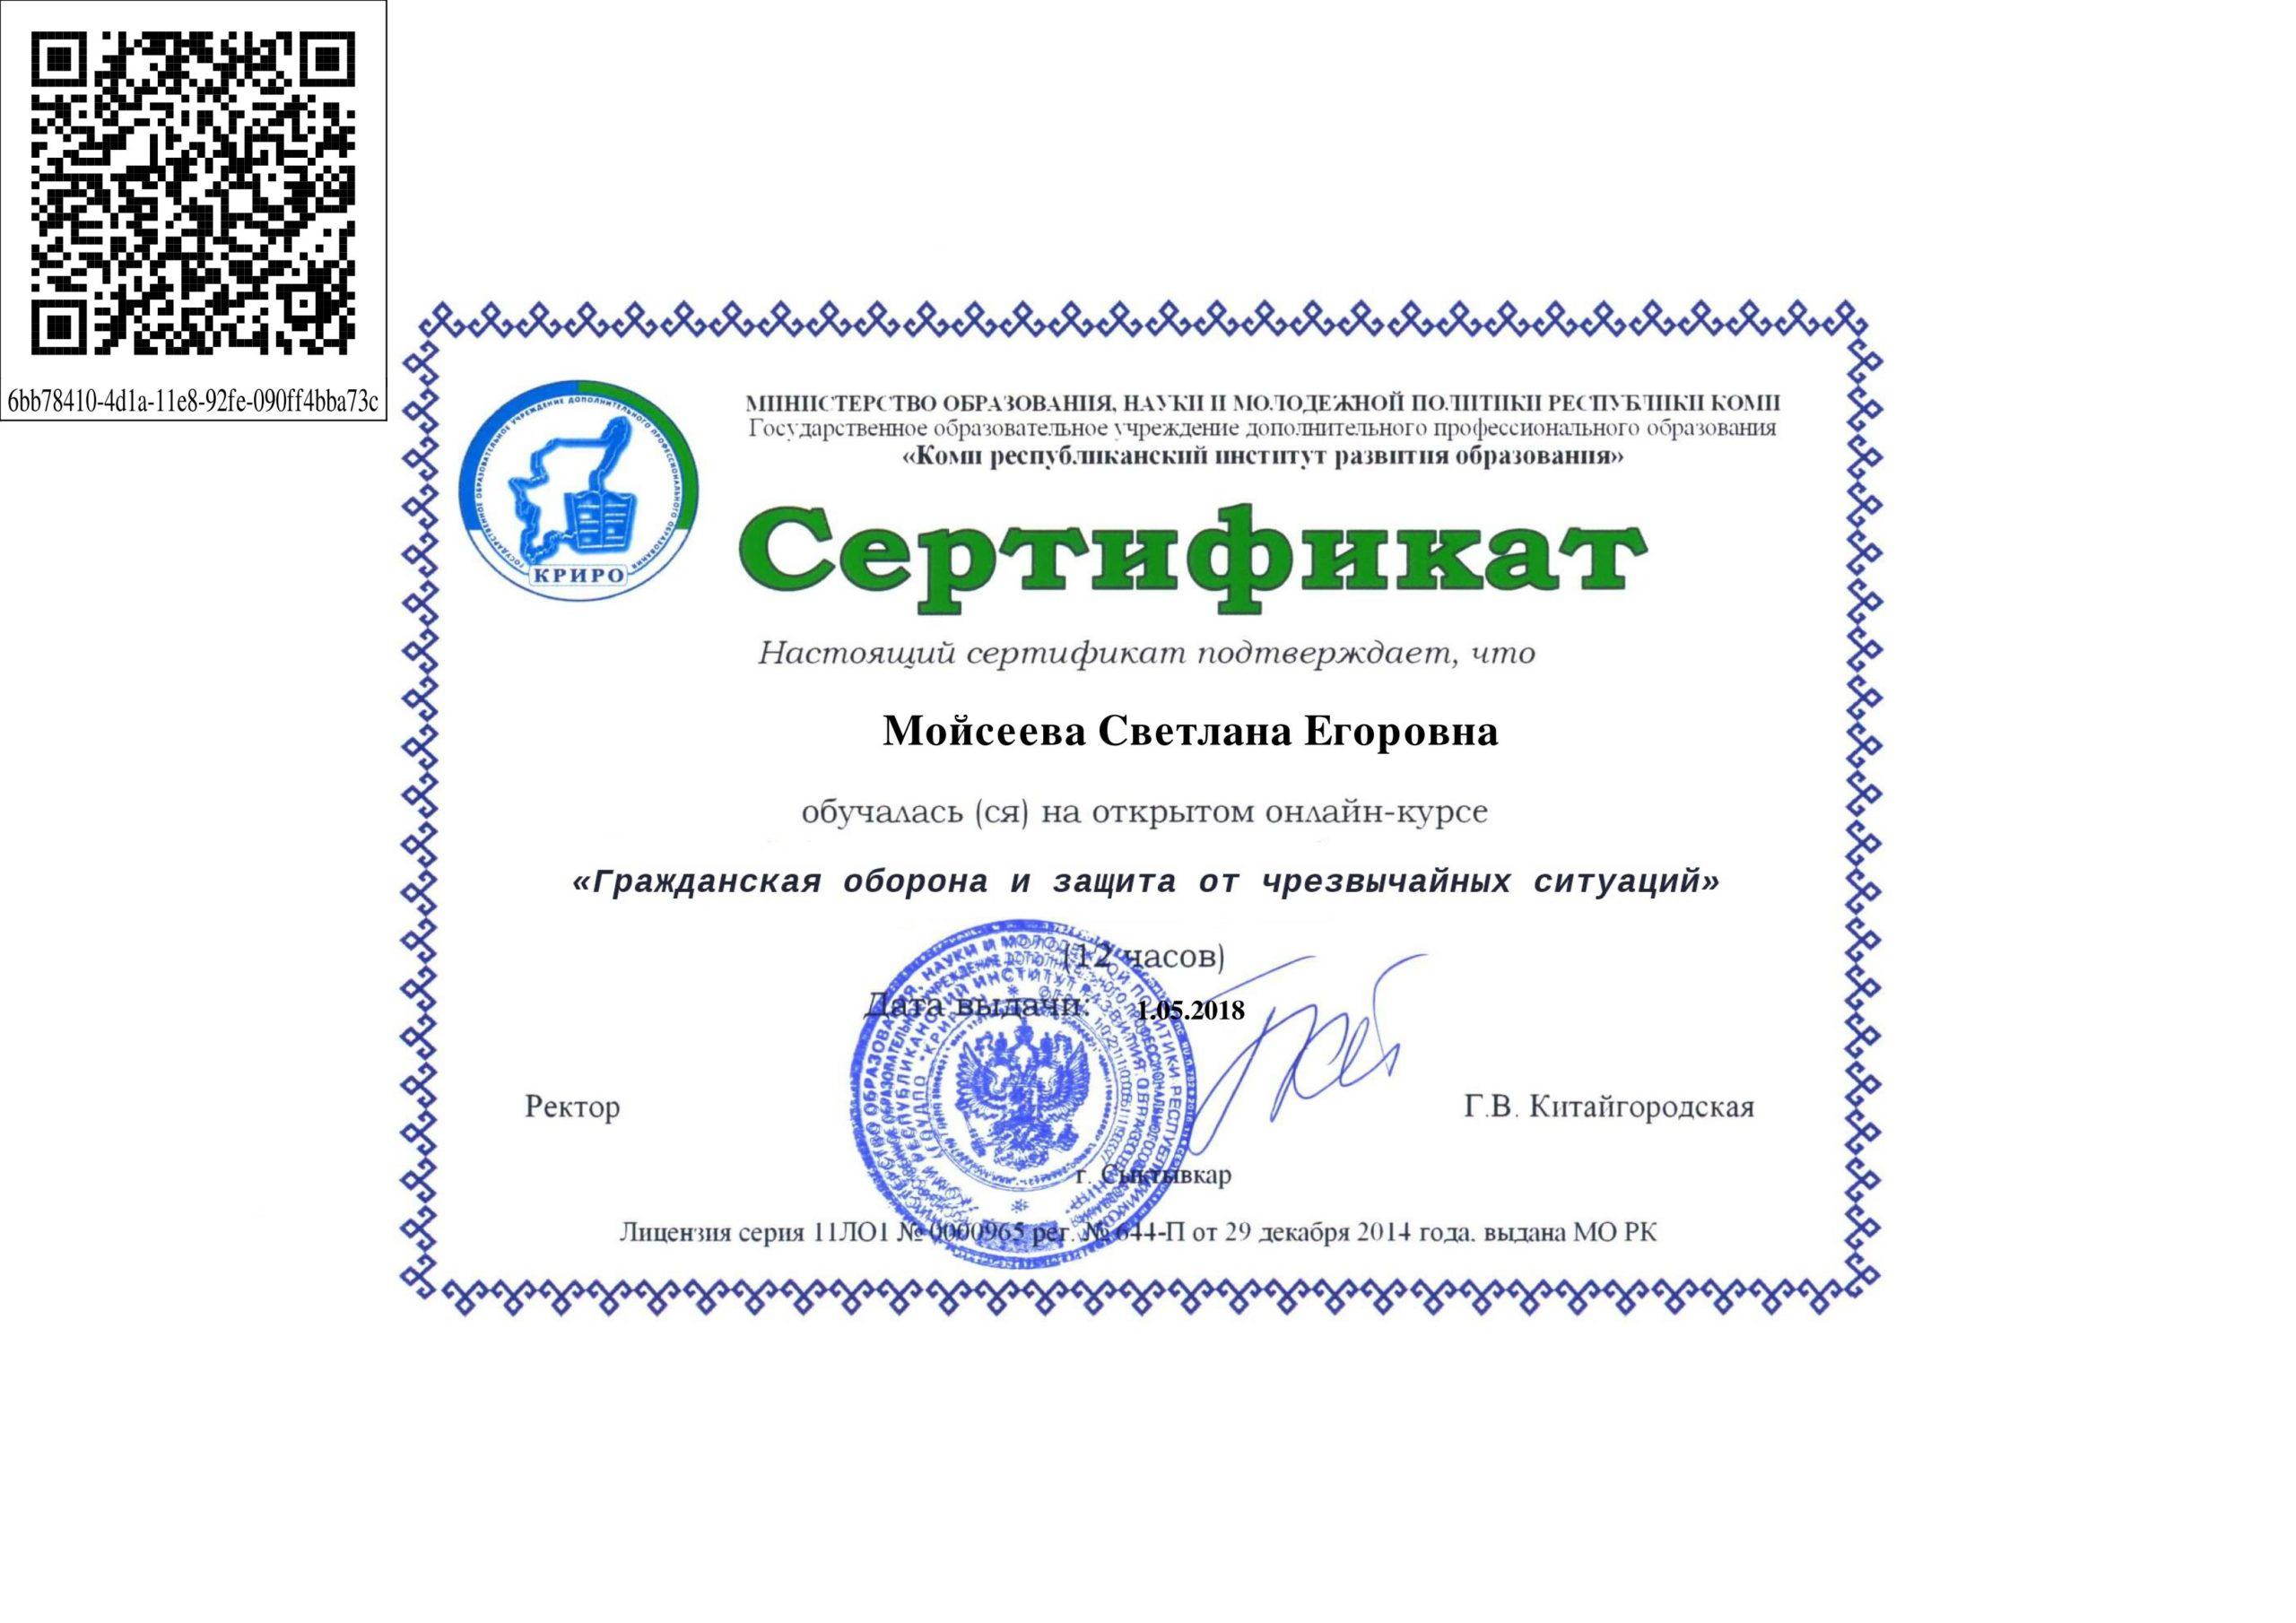 Гражданская_оборона_и_защита_от_чрезвычайных_ситуаций-Сертификат_15869_01